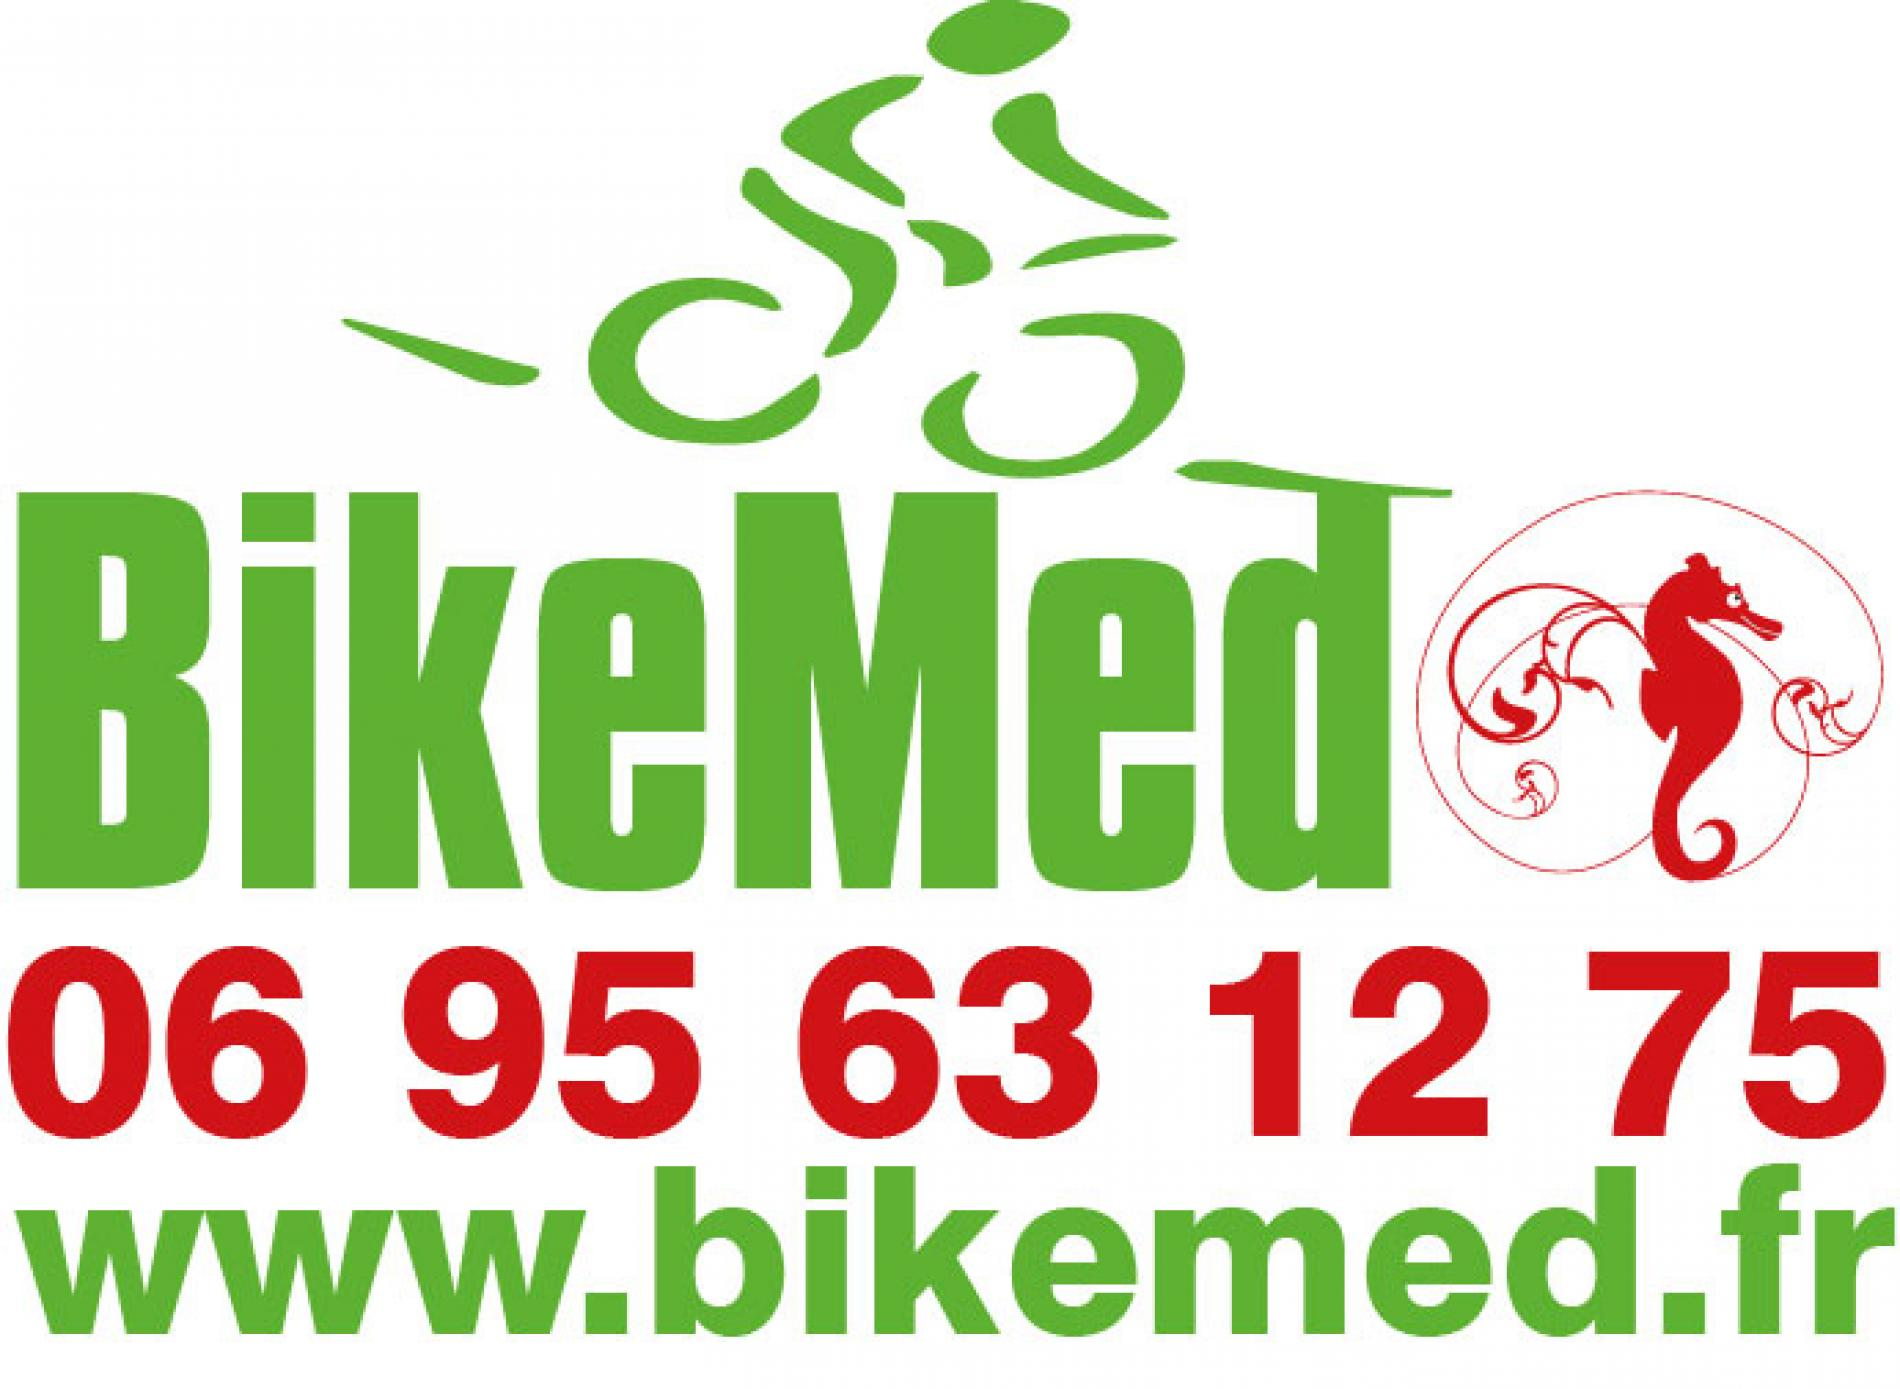 Bikemed